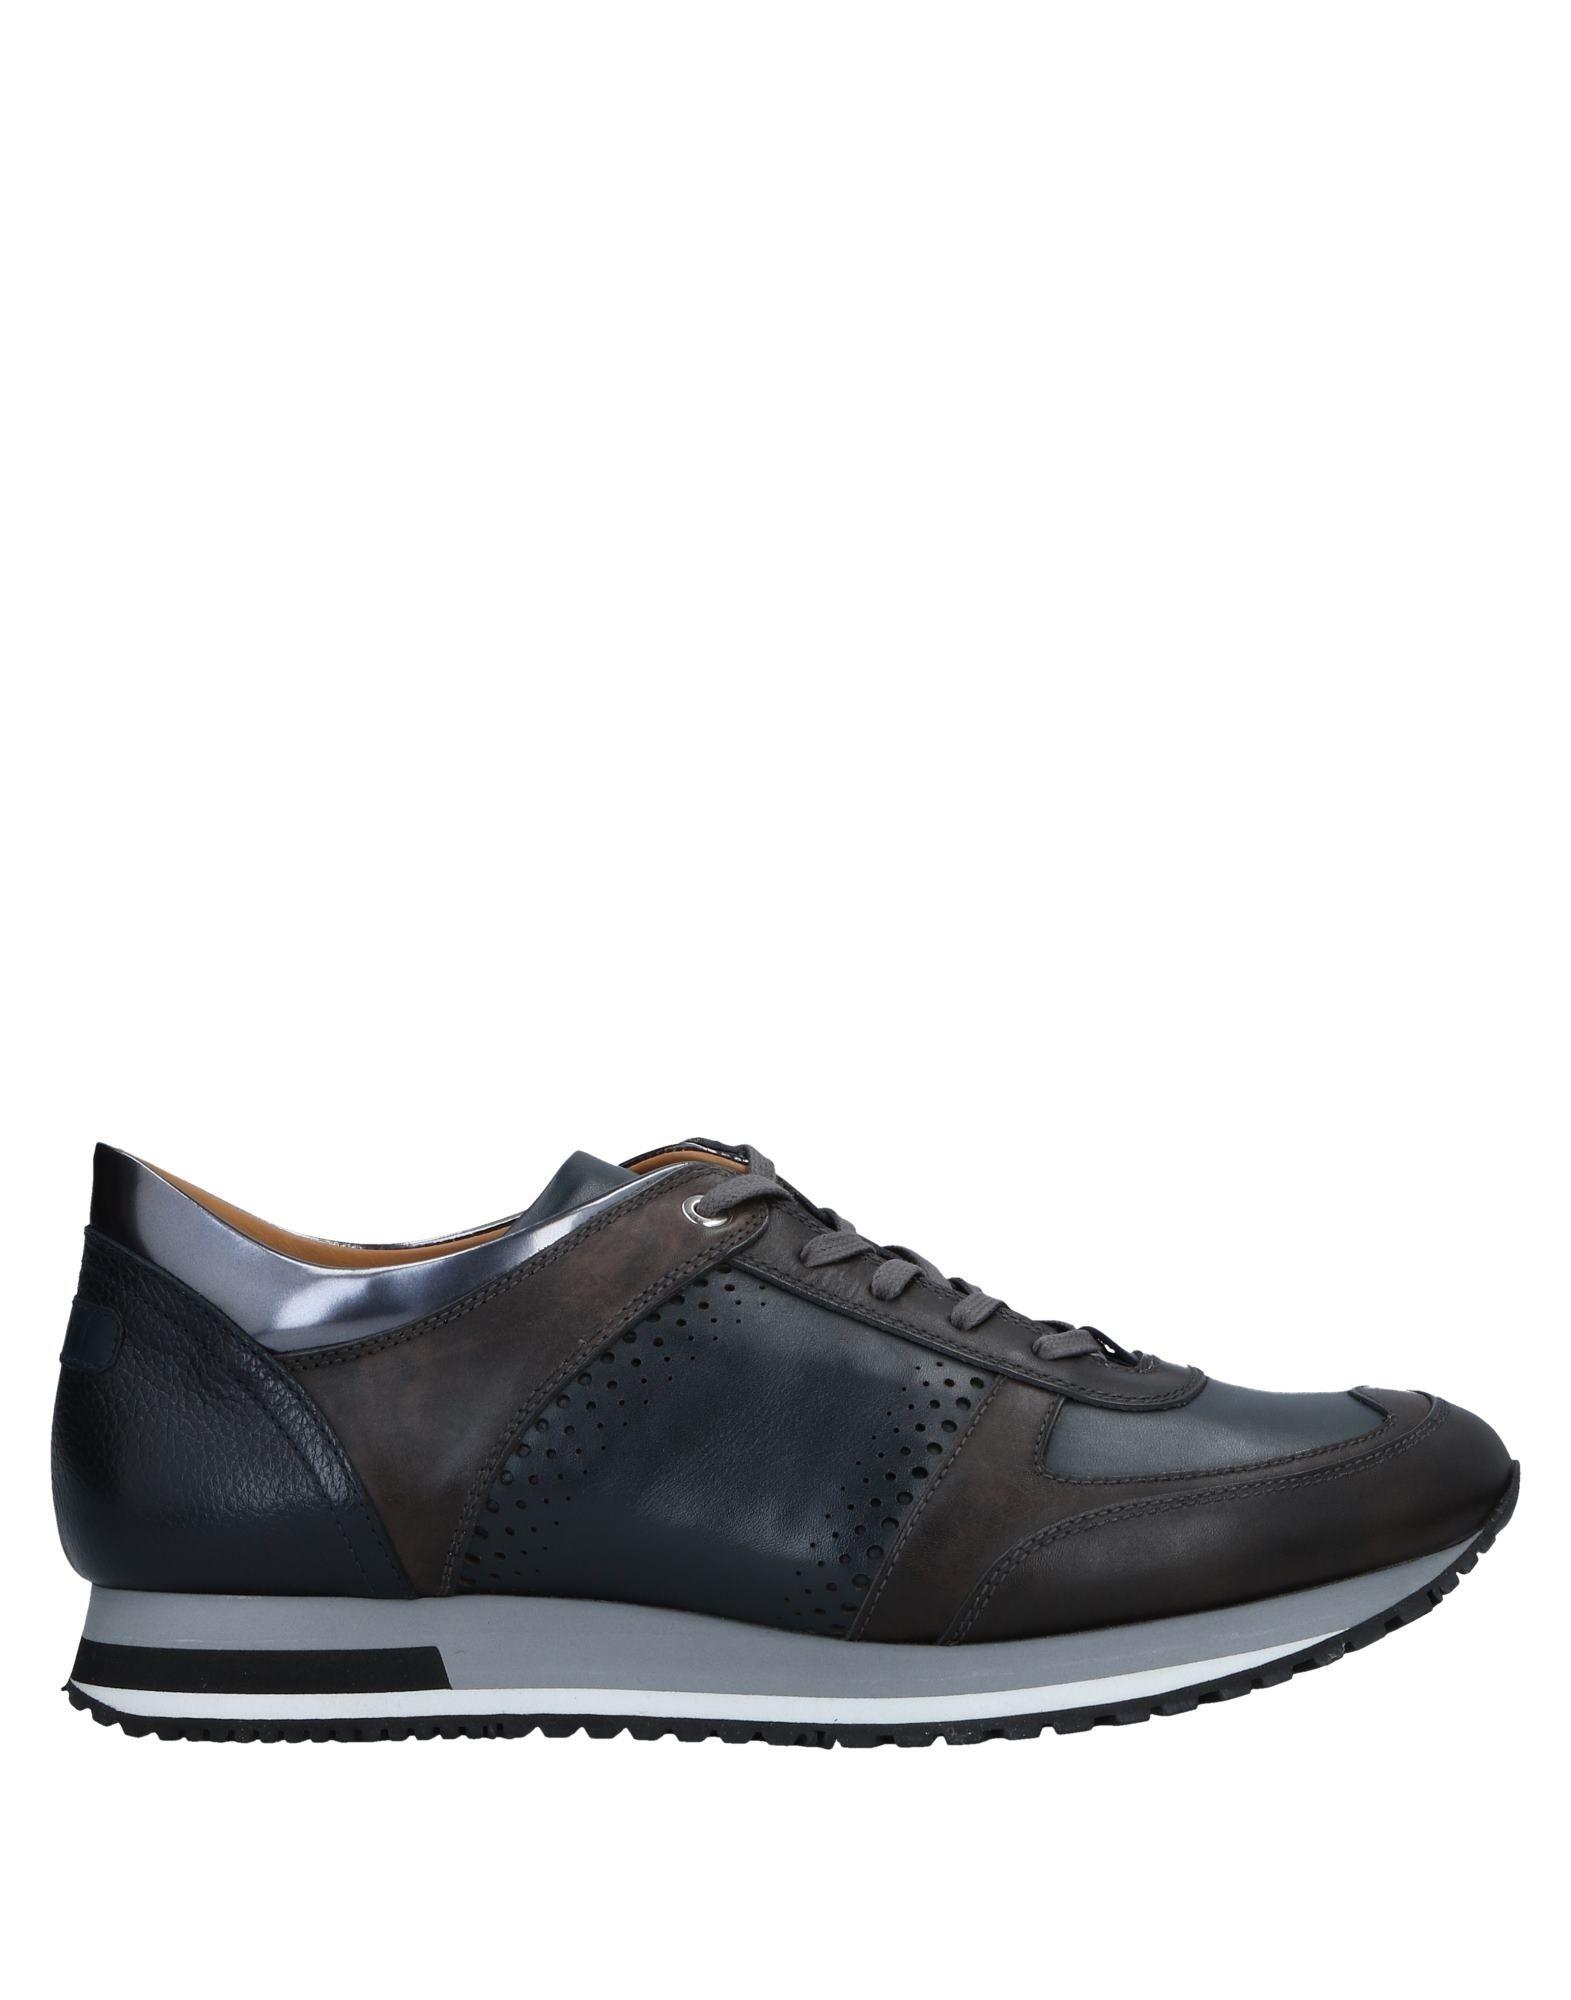 Sneakers Pertini Uomo - 11534450HF Scarpe economiche e buone